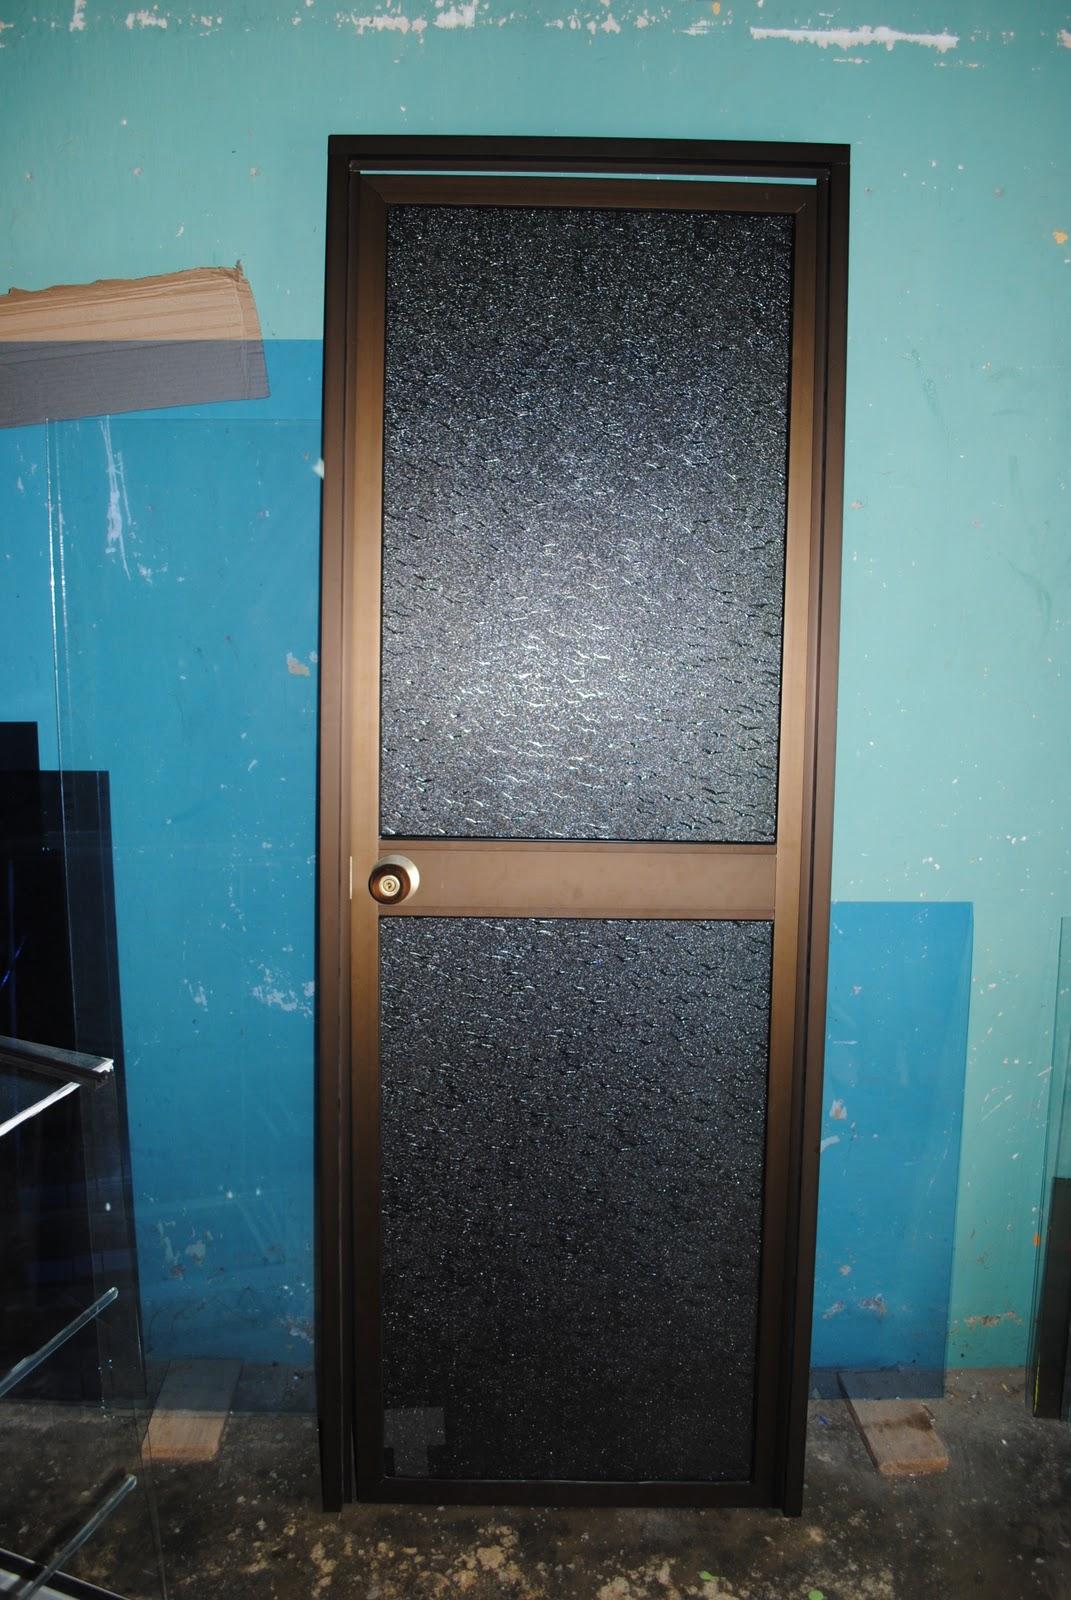 Imagenes De Puertas Para Baño De Aluminio:venta de vidrio para todos los gustos corrugado, polarizado, ahumado